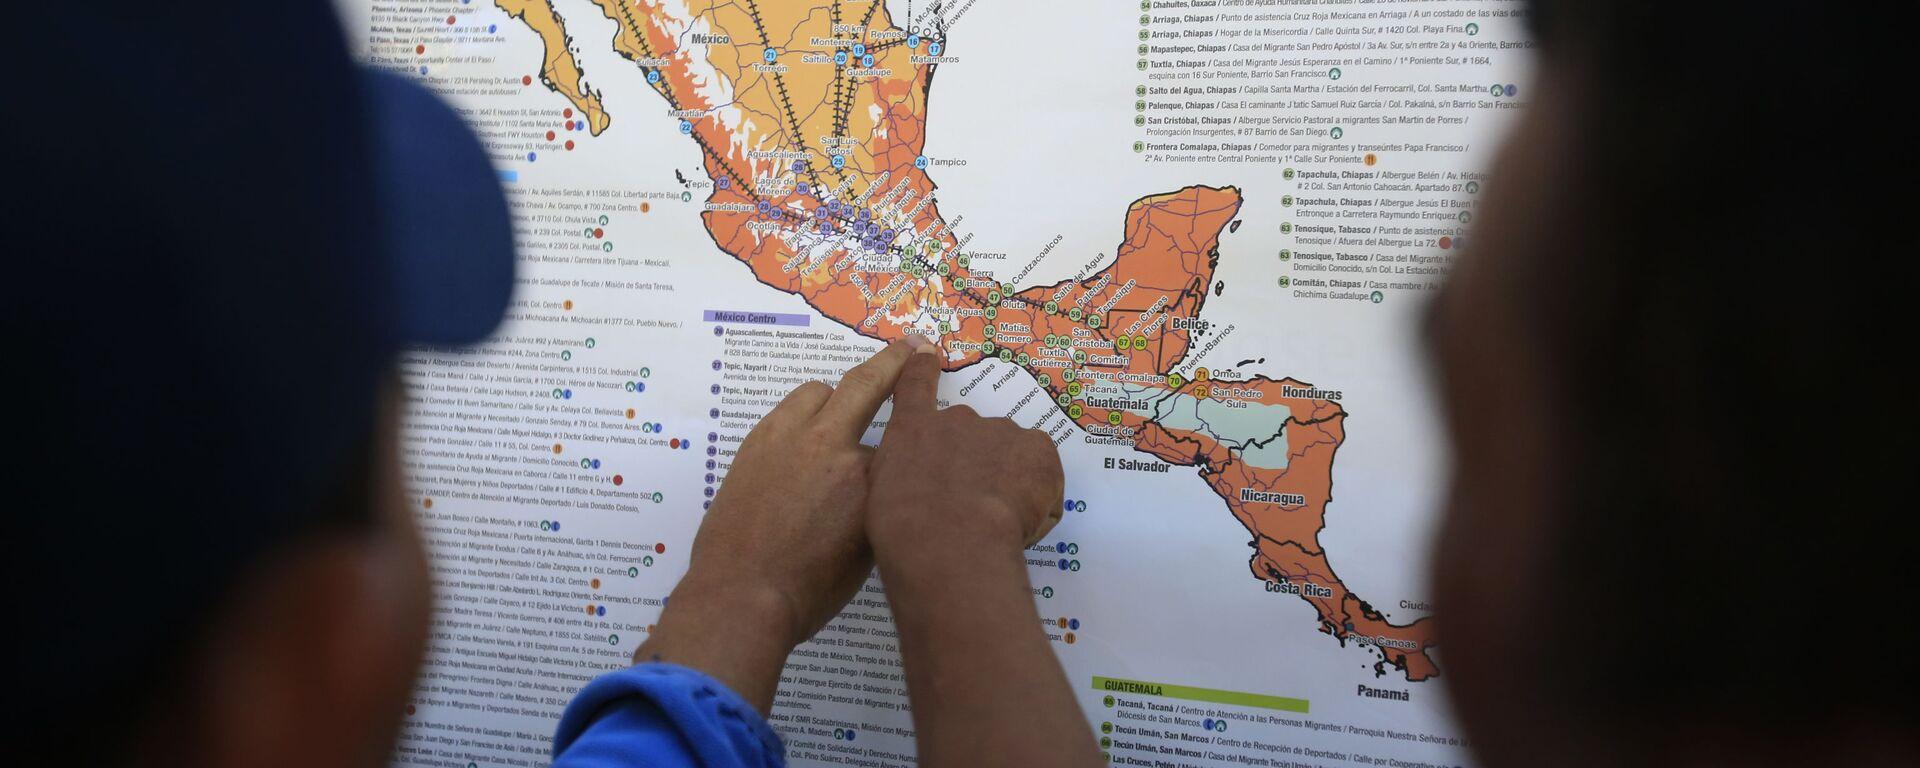 Migrantes centroamericanos planean su recorrido con un mapa en Ciudad de México - Sputnik Mundo, 1920, 22.09.2021